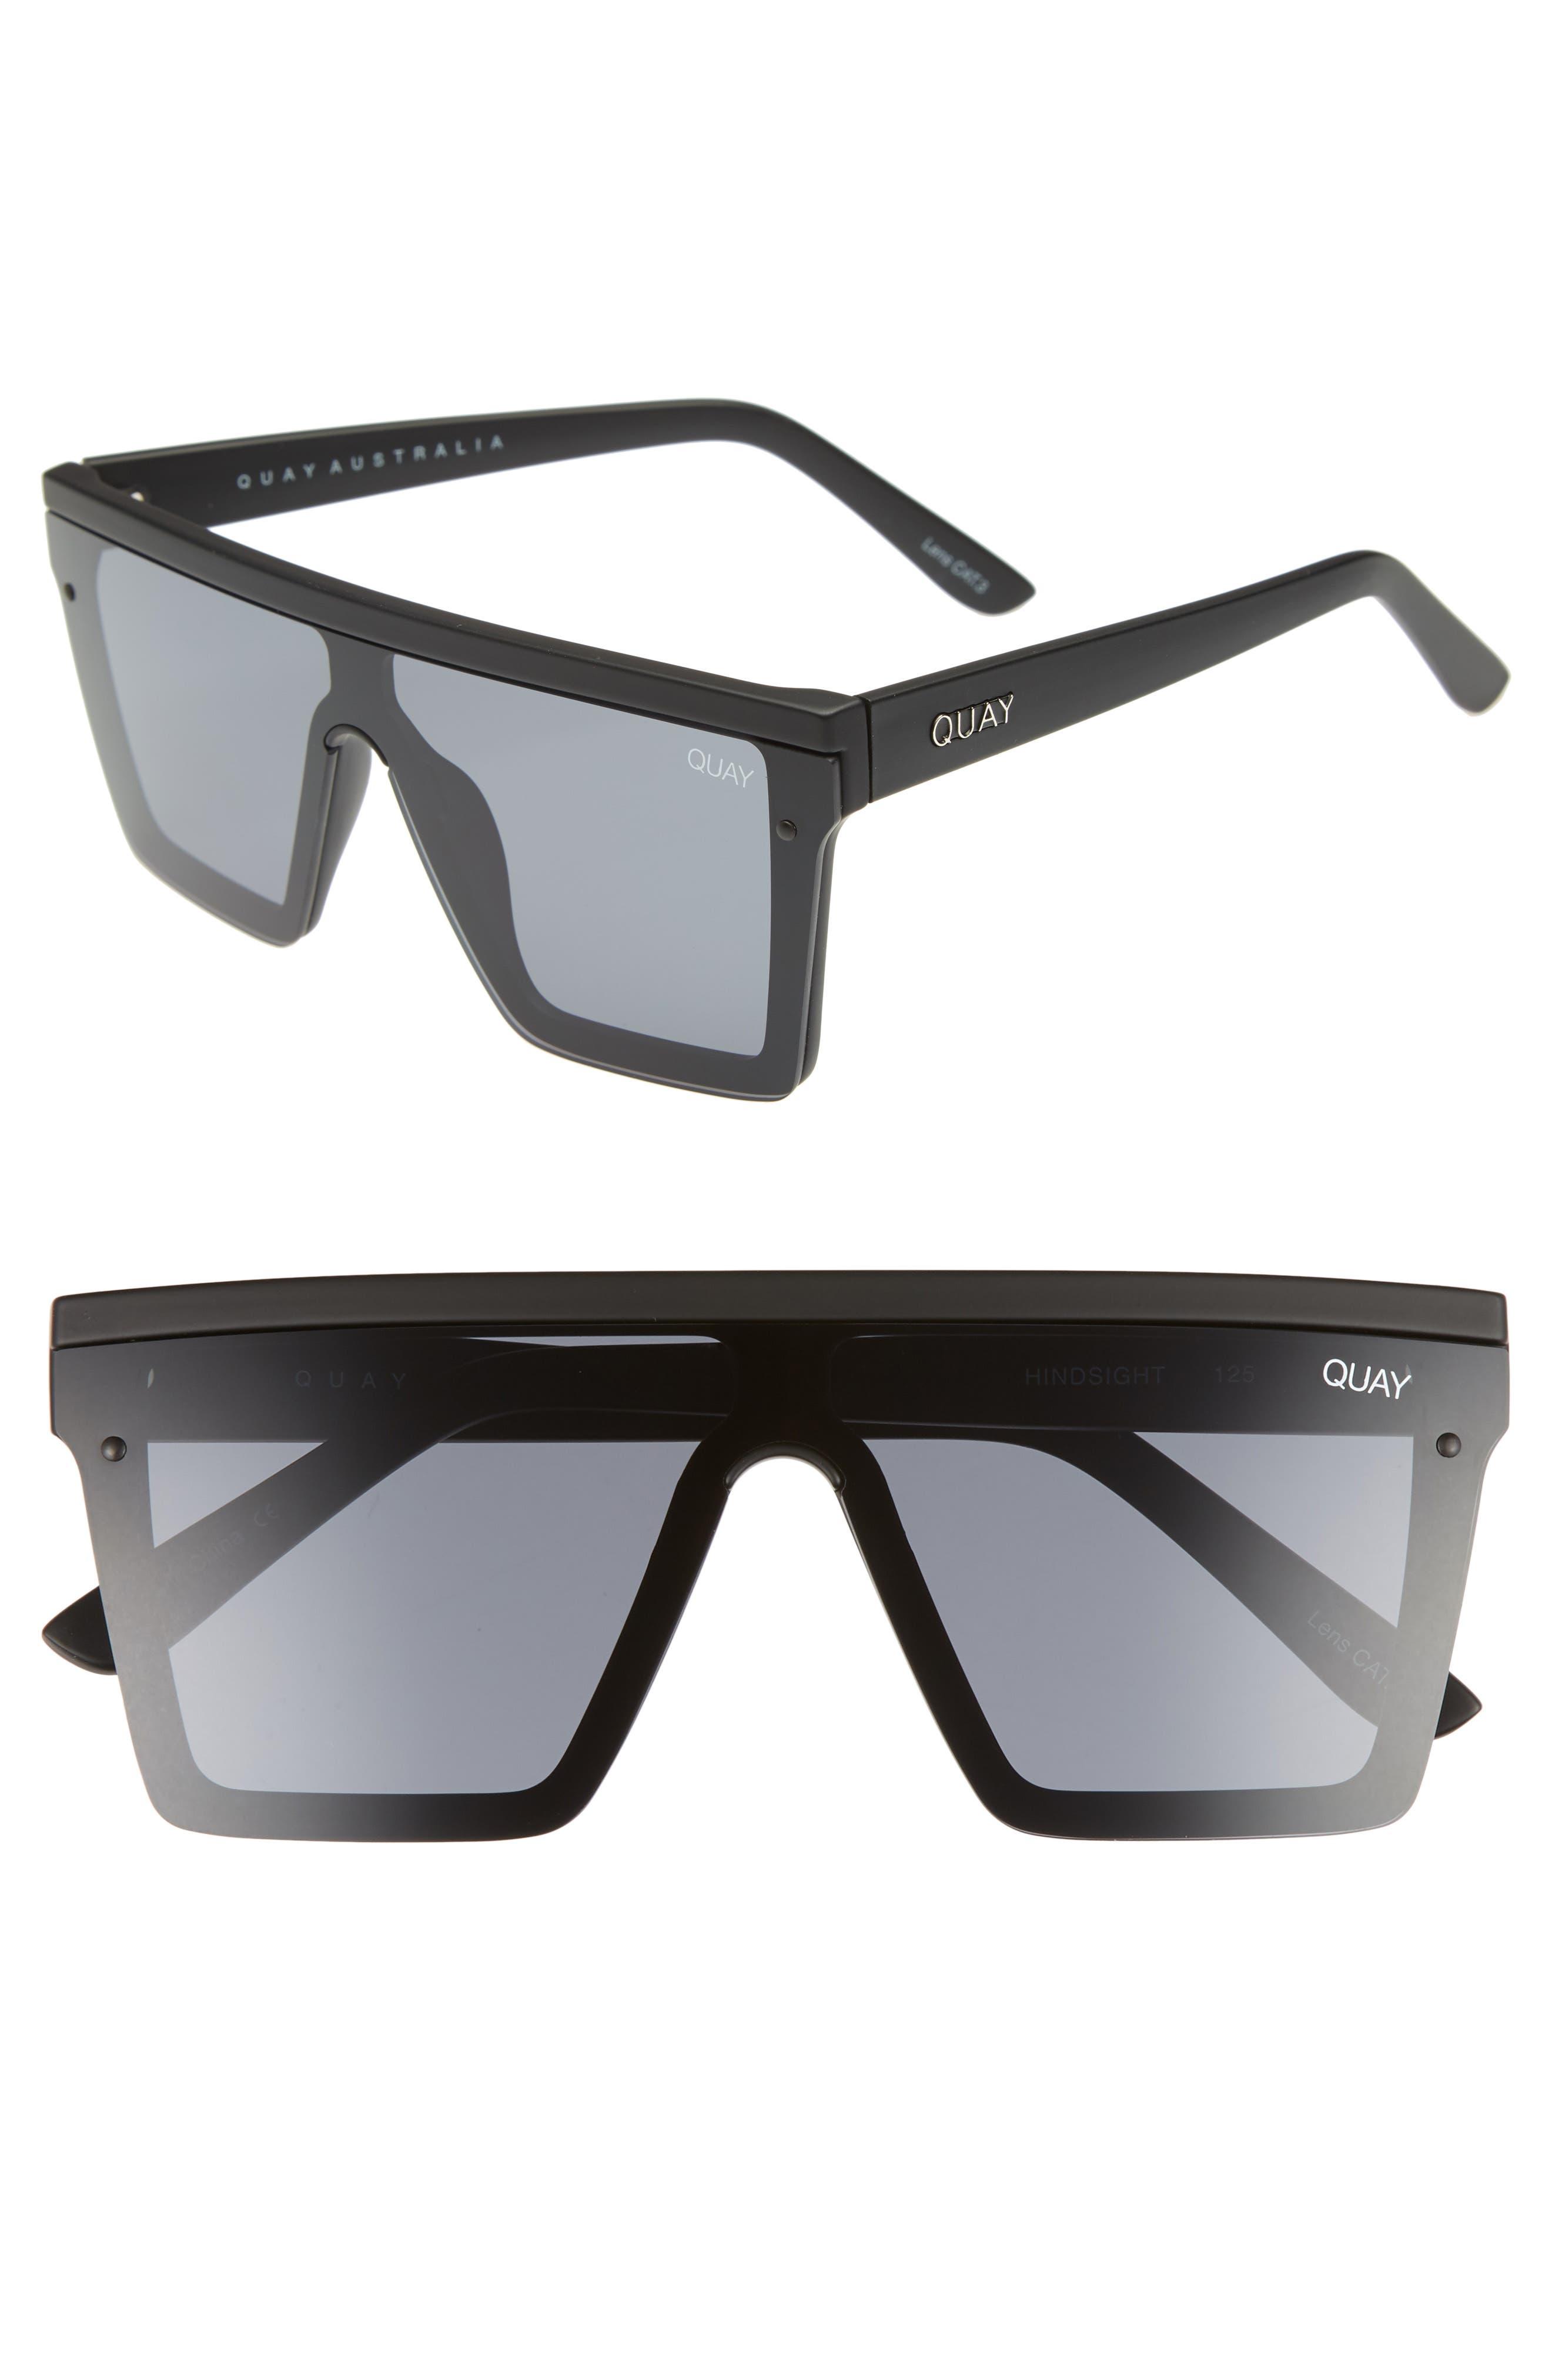 Hindsight 150mm Shield Sunglasses,                             Main thumbnail 1, color,                             BLACK/ SMOKE